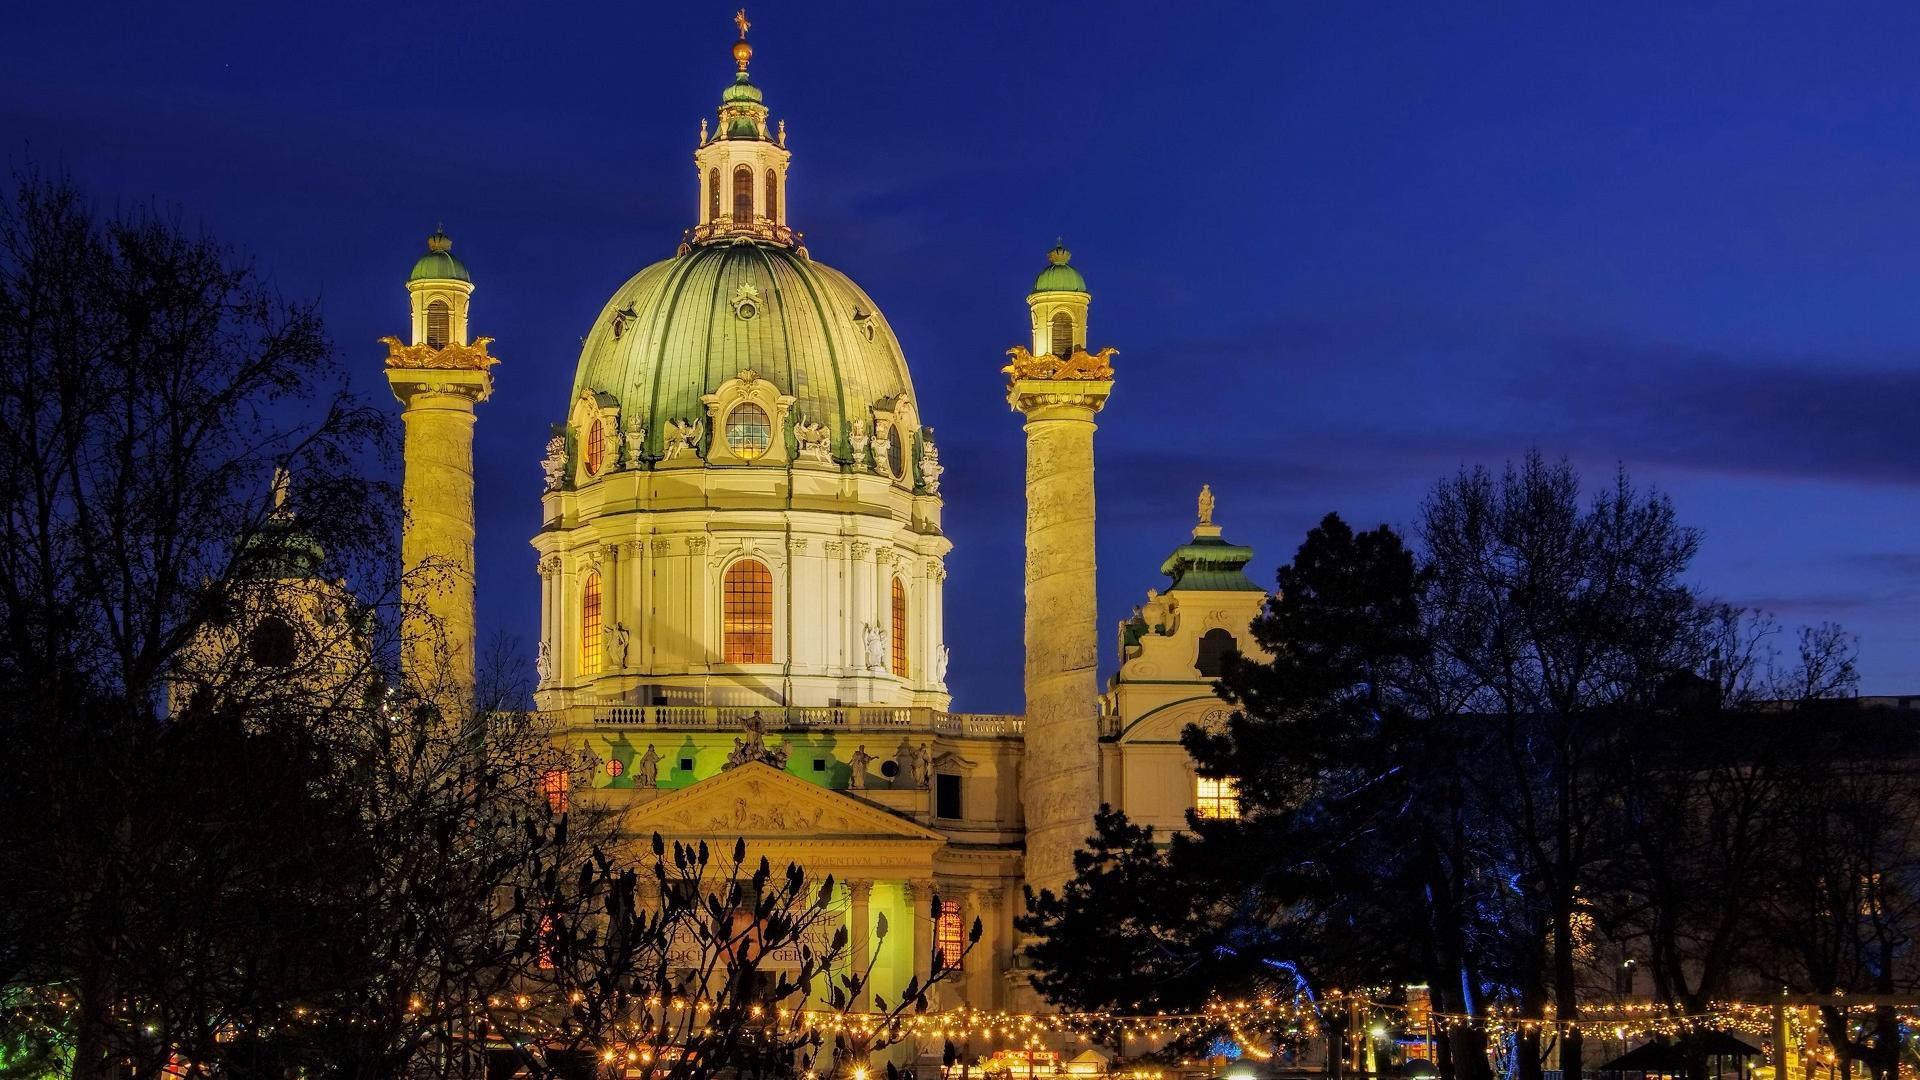 Wien Karlsplatz Weihnachtsmarkt